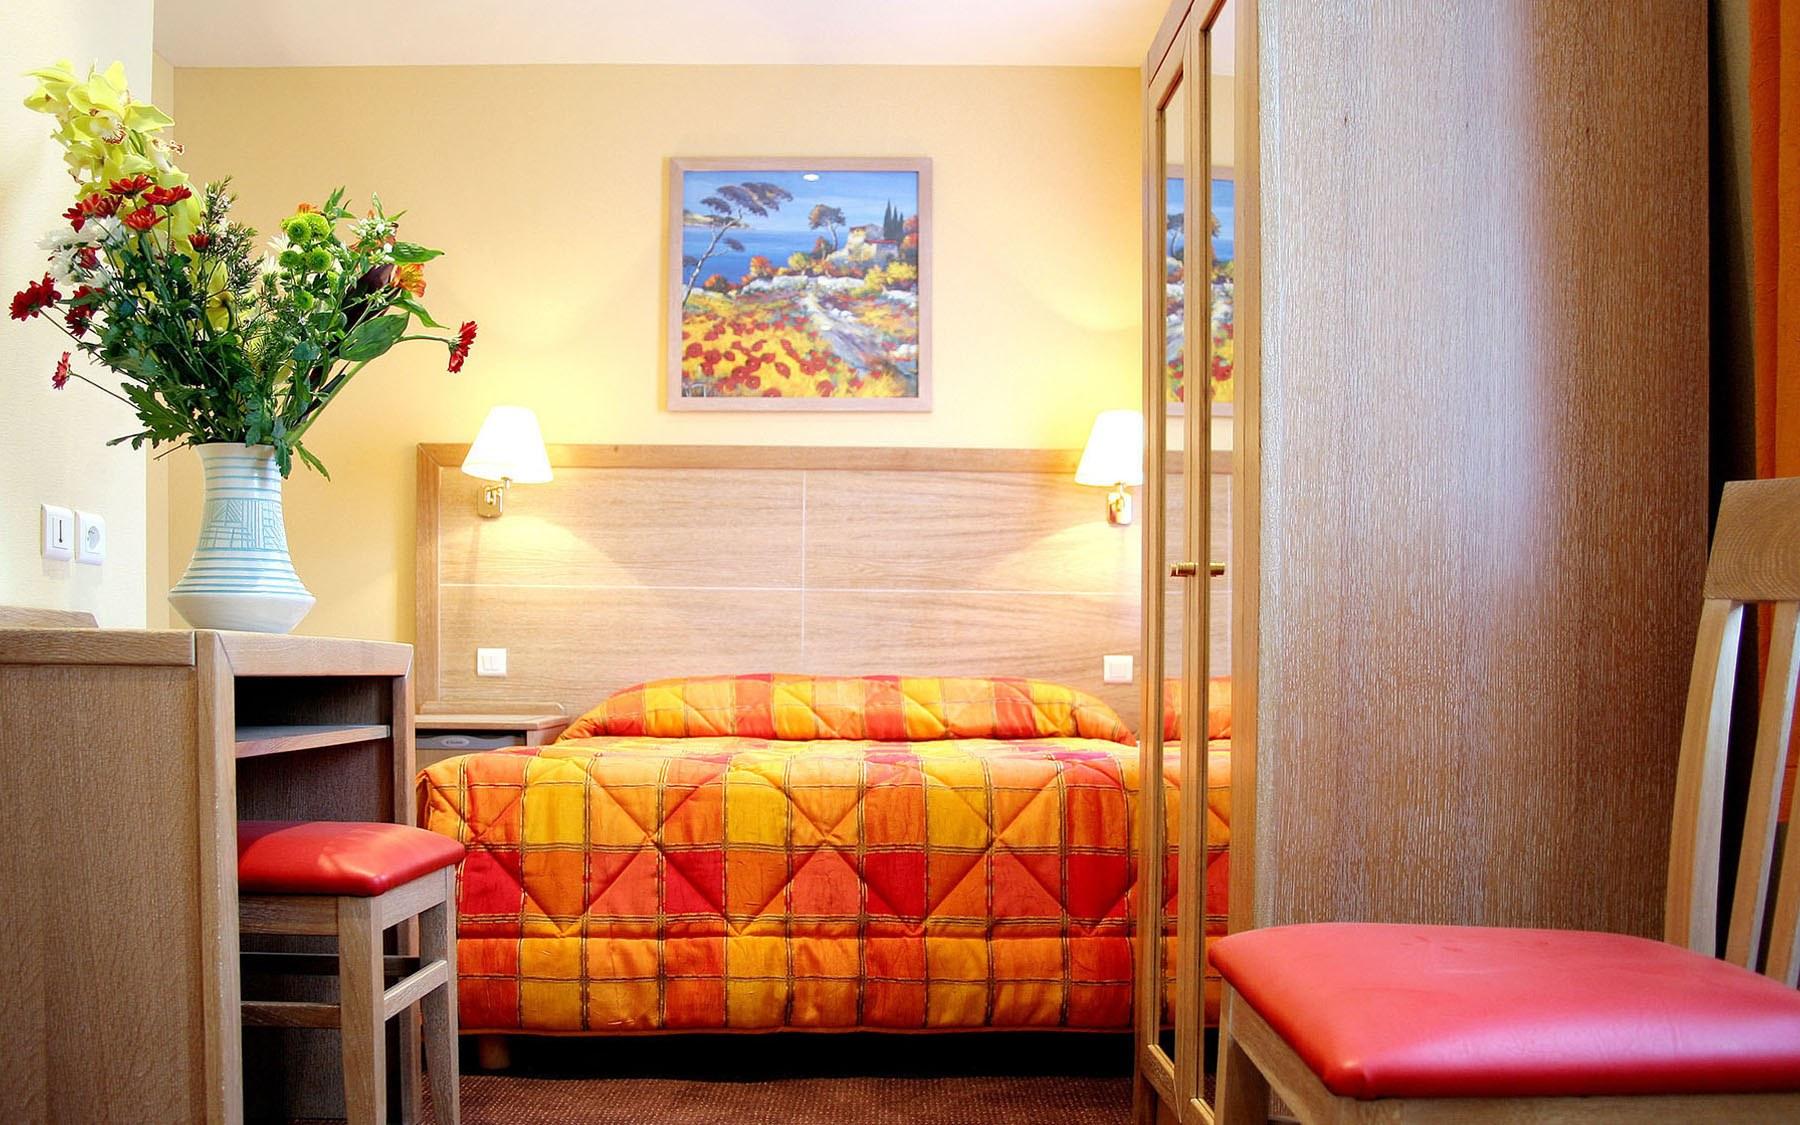 grand h tel dor paris east village. Black Bedroom Furniture Sets. Home Design Ideas